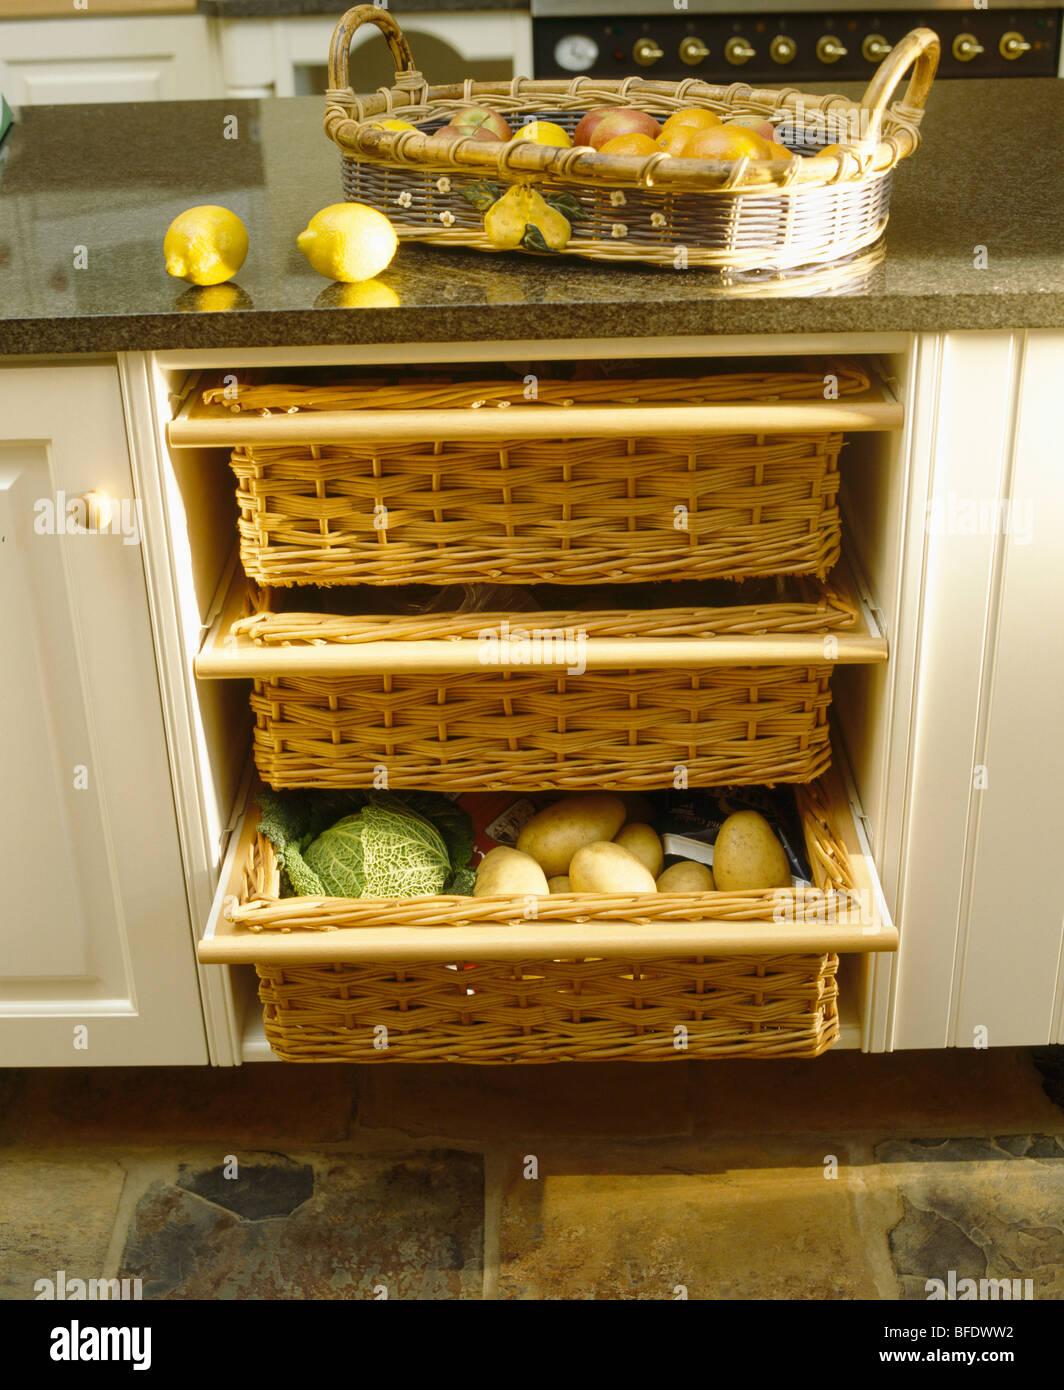 Nahaufnahme der Küche Lagerung Körbe in Creme Einheit mit Obstkorb ...